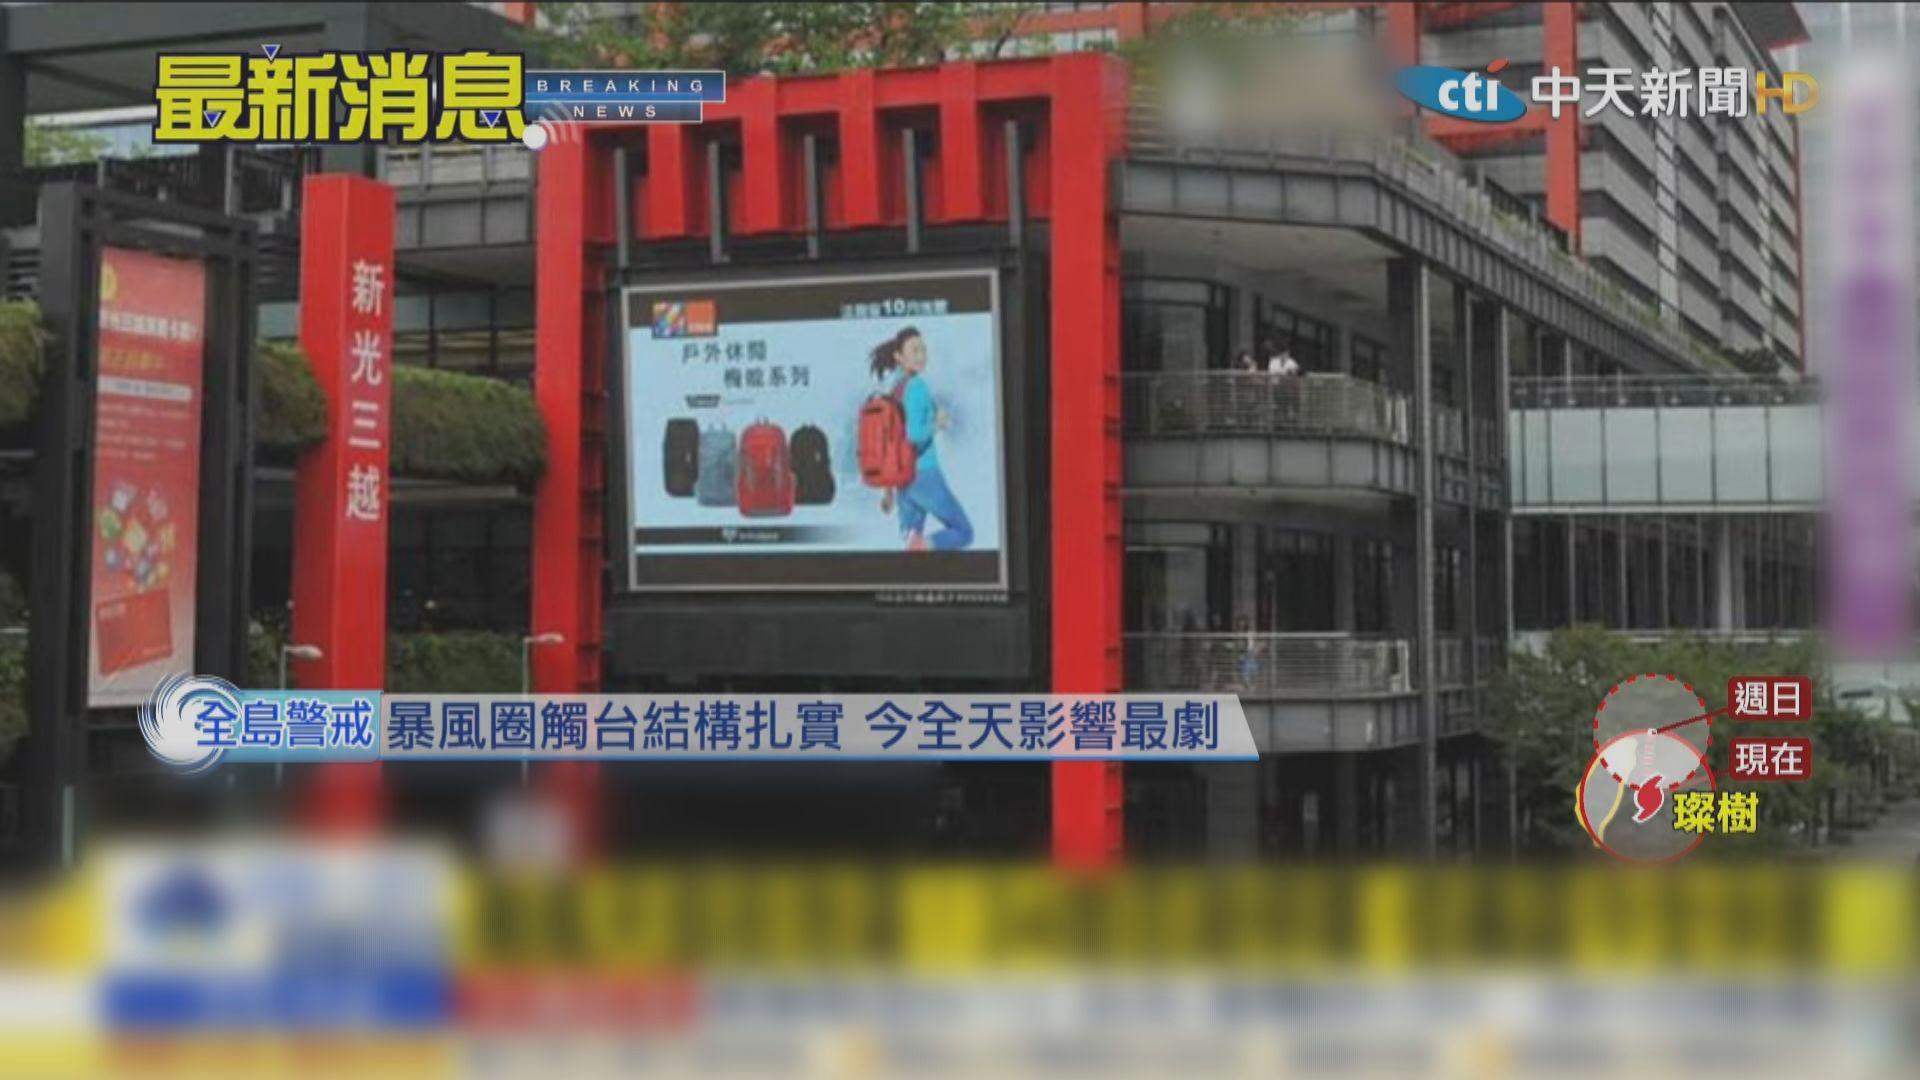 燦都吹襲台灣期間1.4萬戶停電